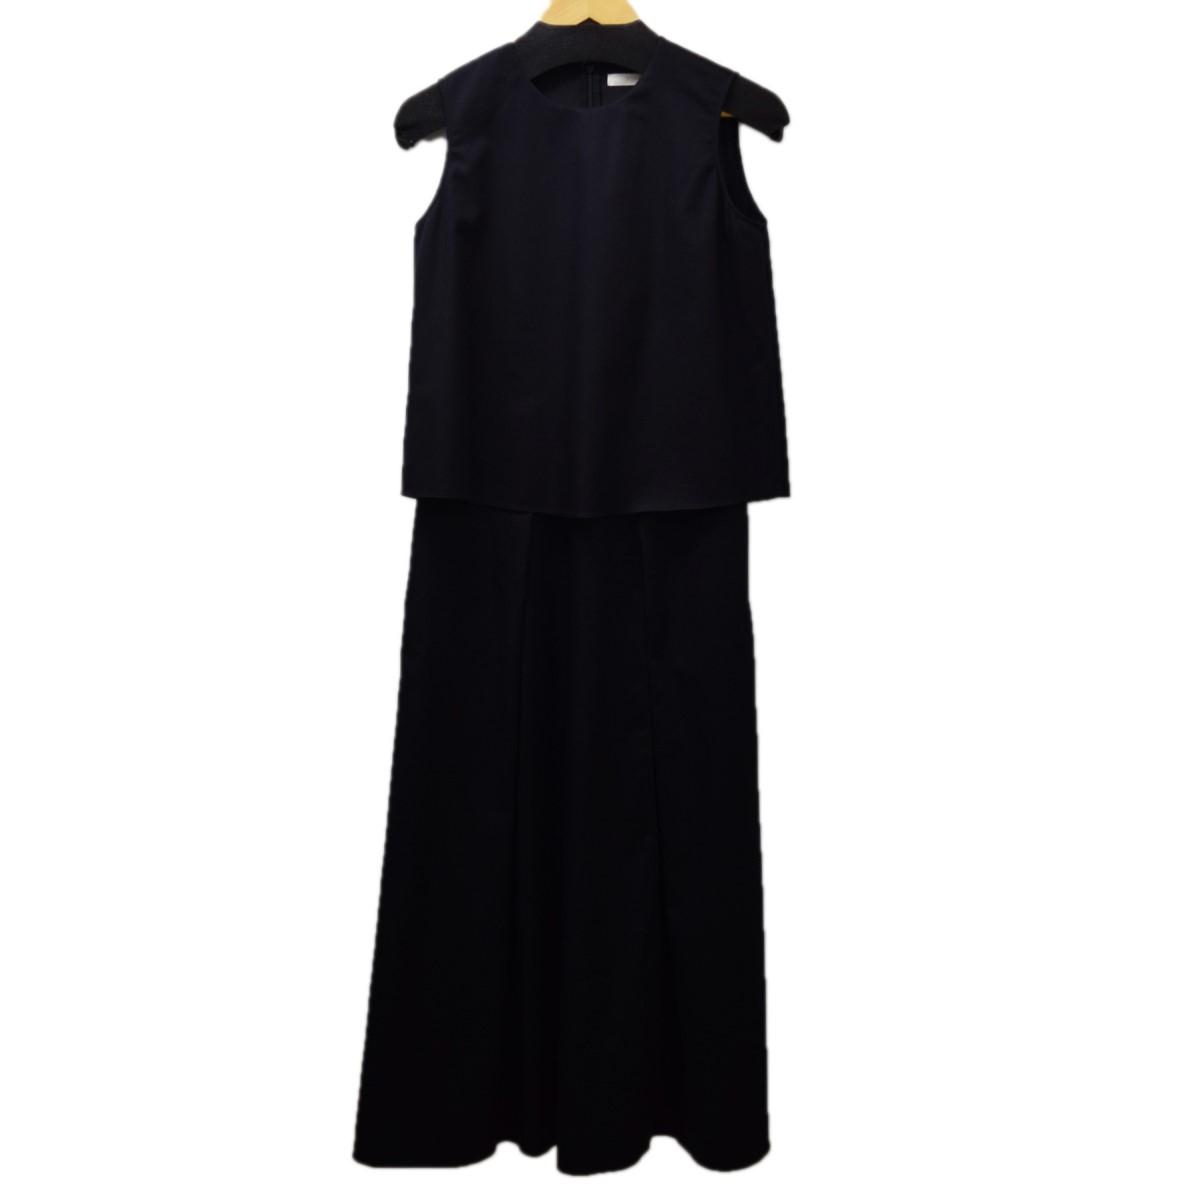 【中古】FIGARO Paris レイヤードワンーピース ブラック サイズ:38 【260220】(フィガロ パリ)